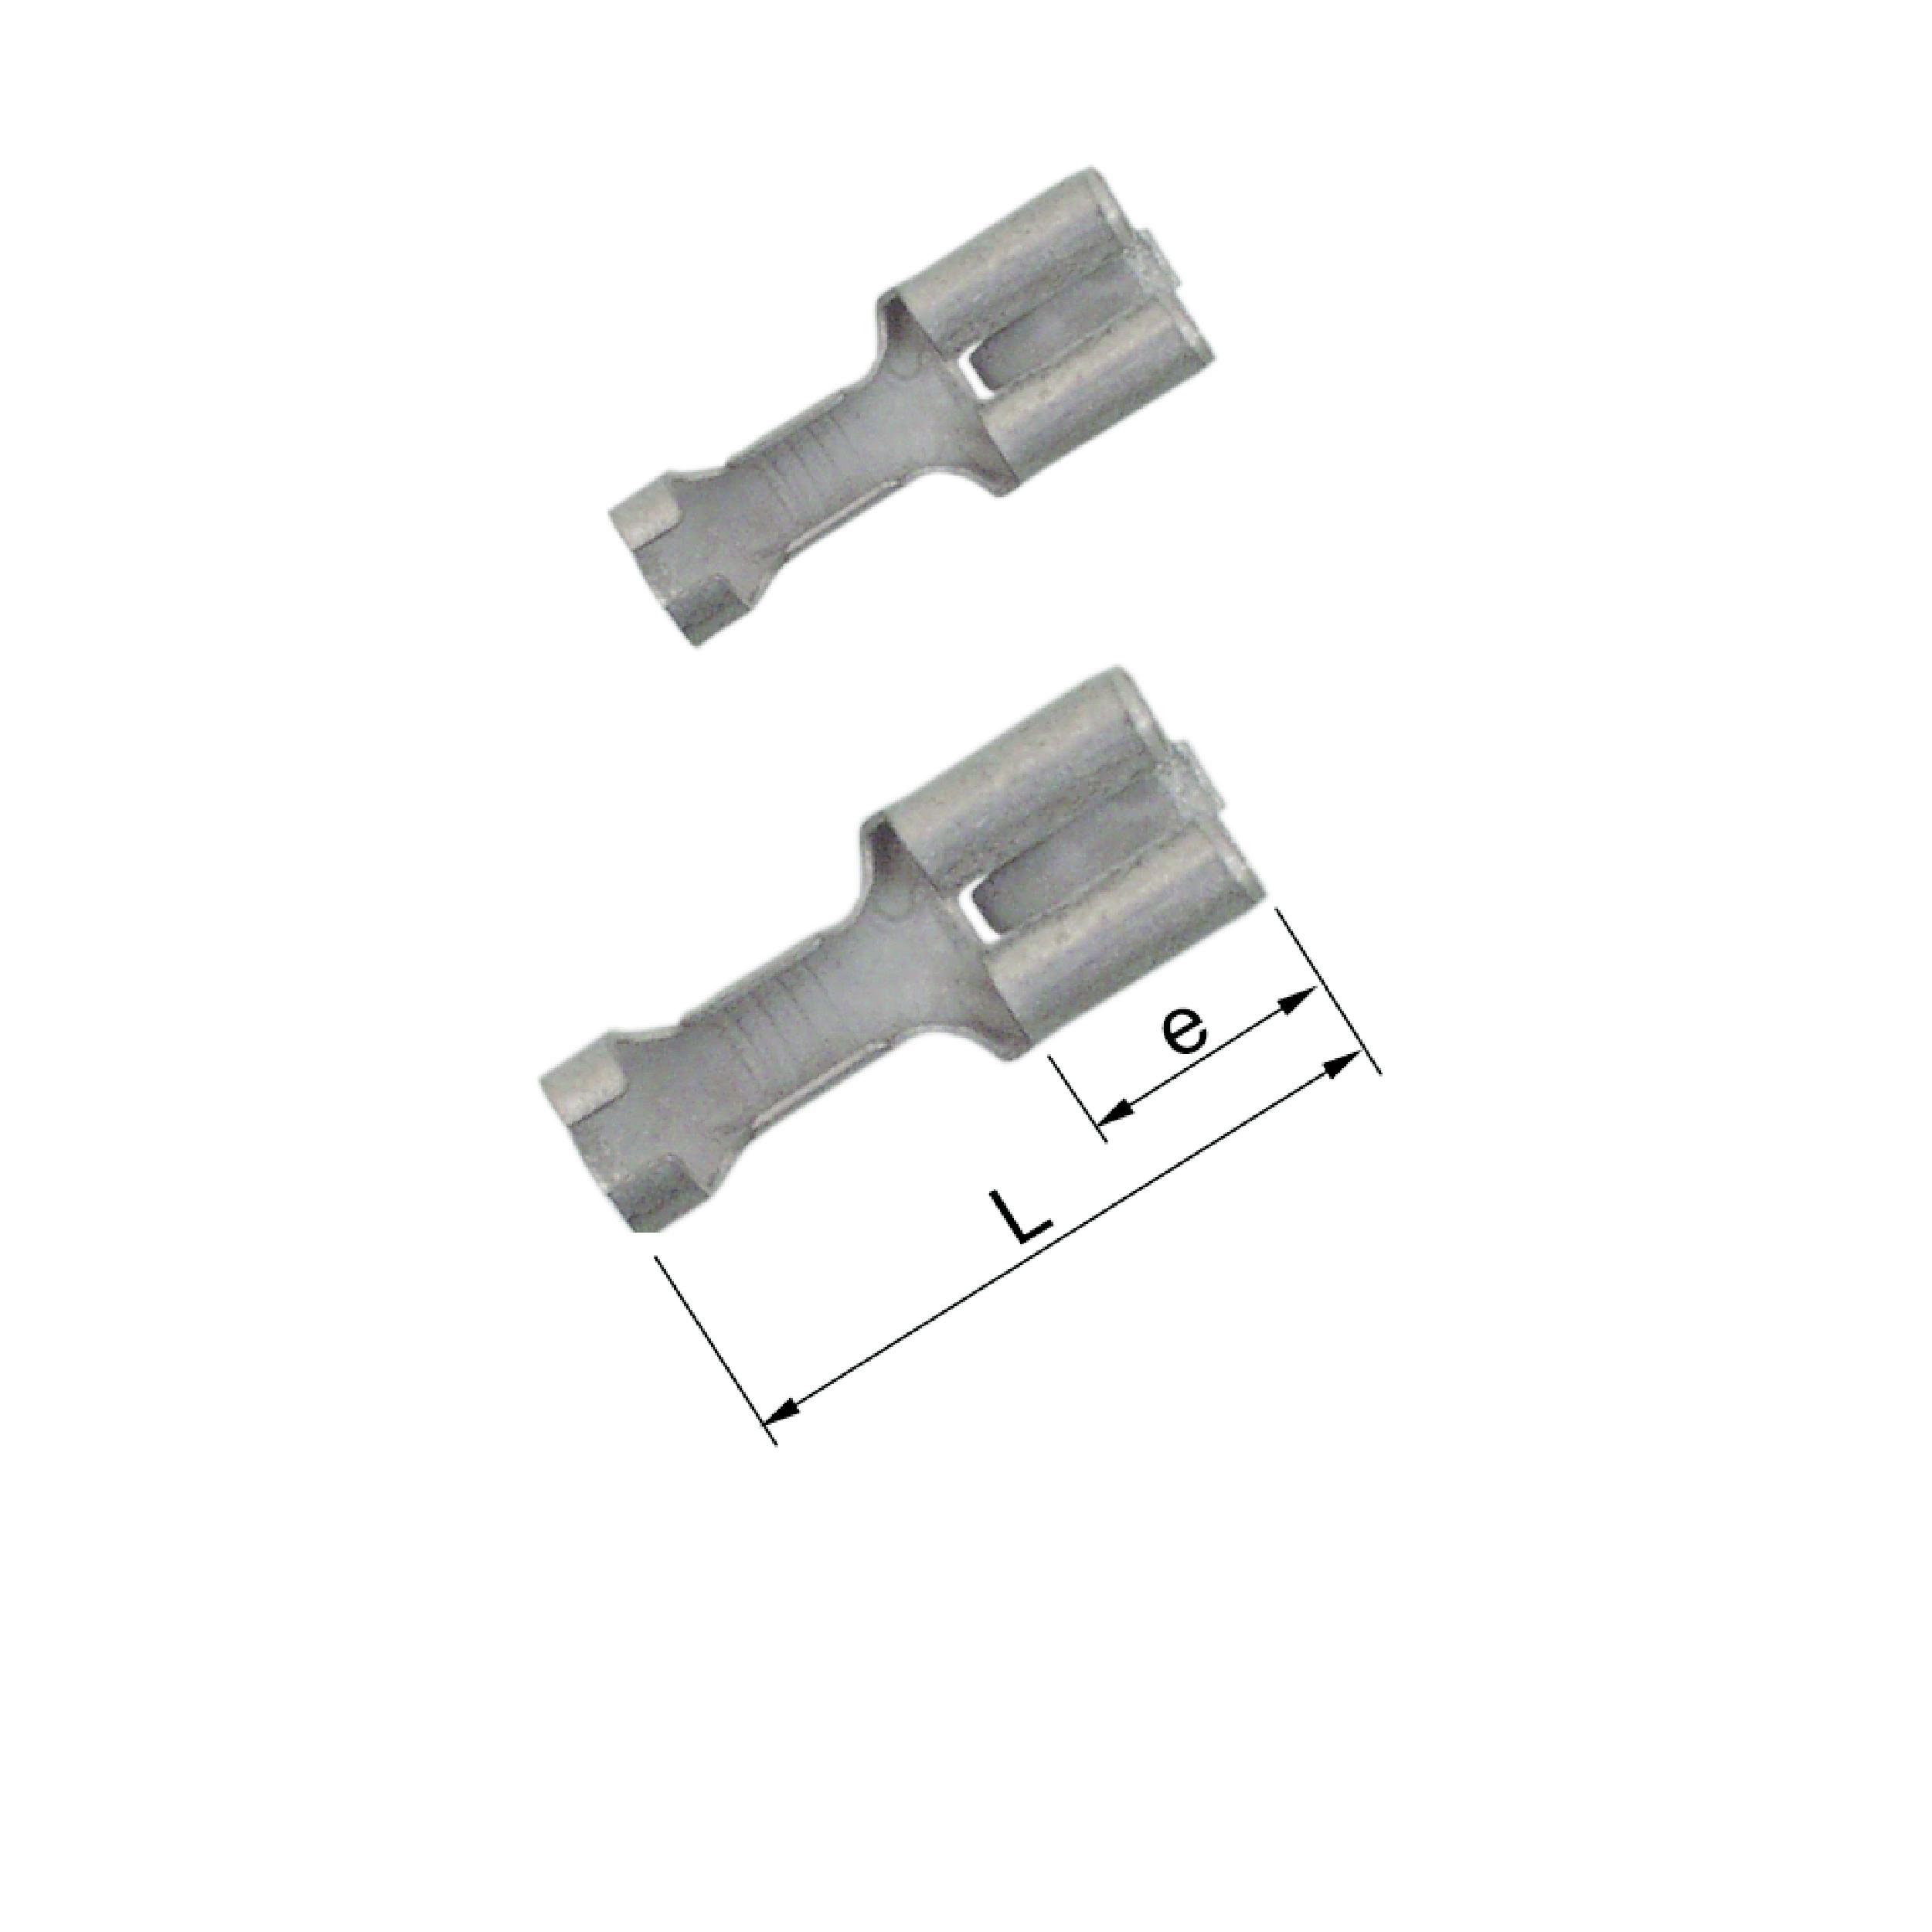 Elpress Un-Insulated Receptacles with locking lip (Range 0.5-6mm²). Part Numbers: B1507FLSN, B2507FLSN, B4607FLSN